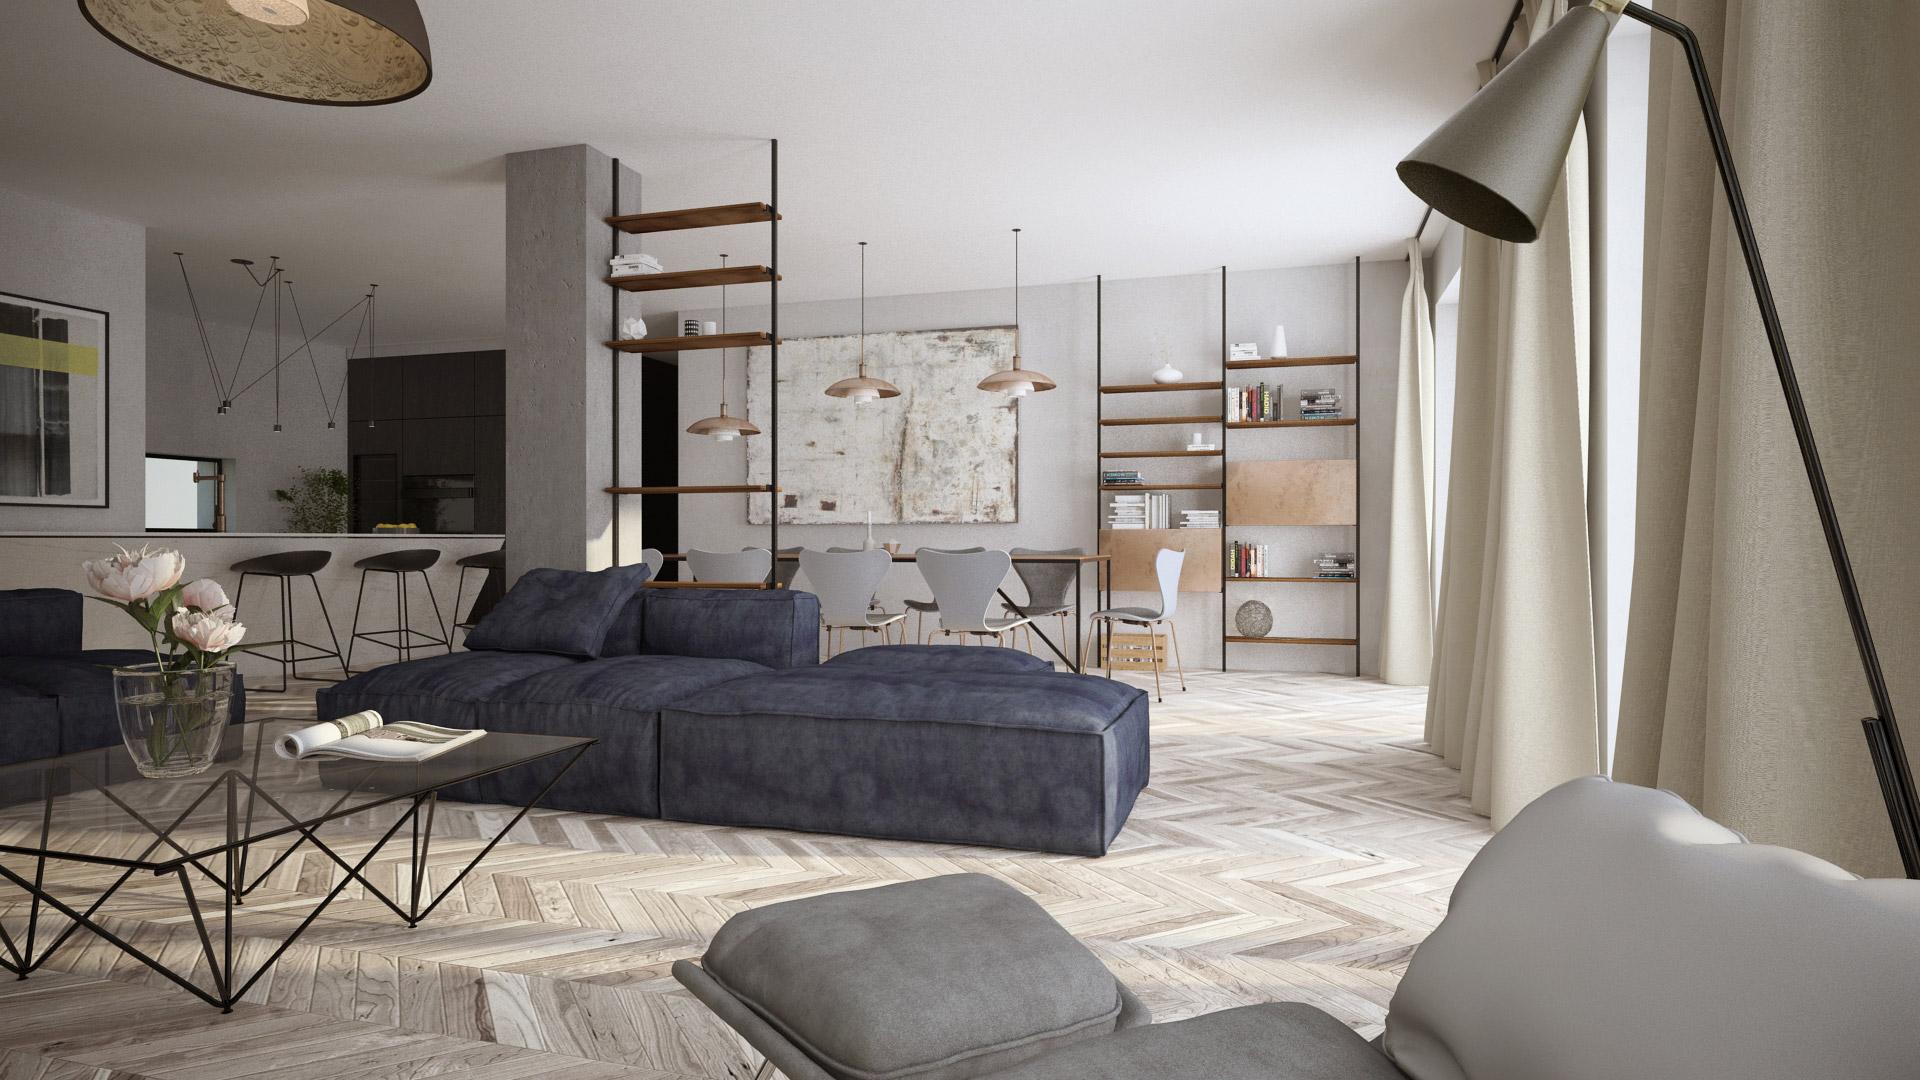 Apartament w Krakowie | Proj. Avocado Concept